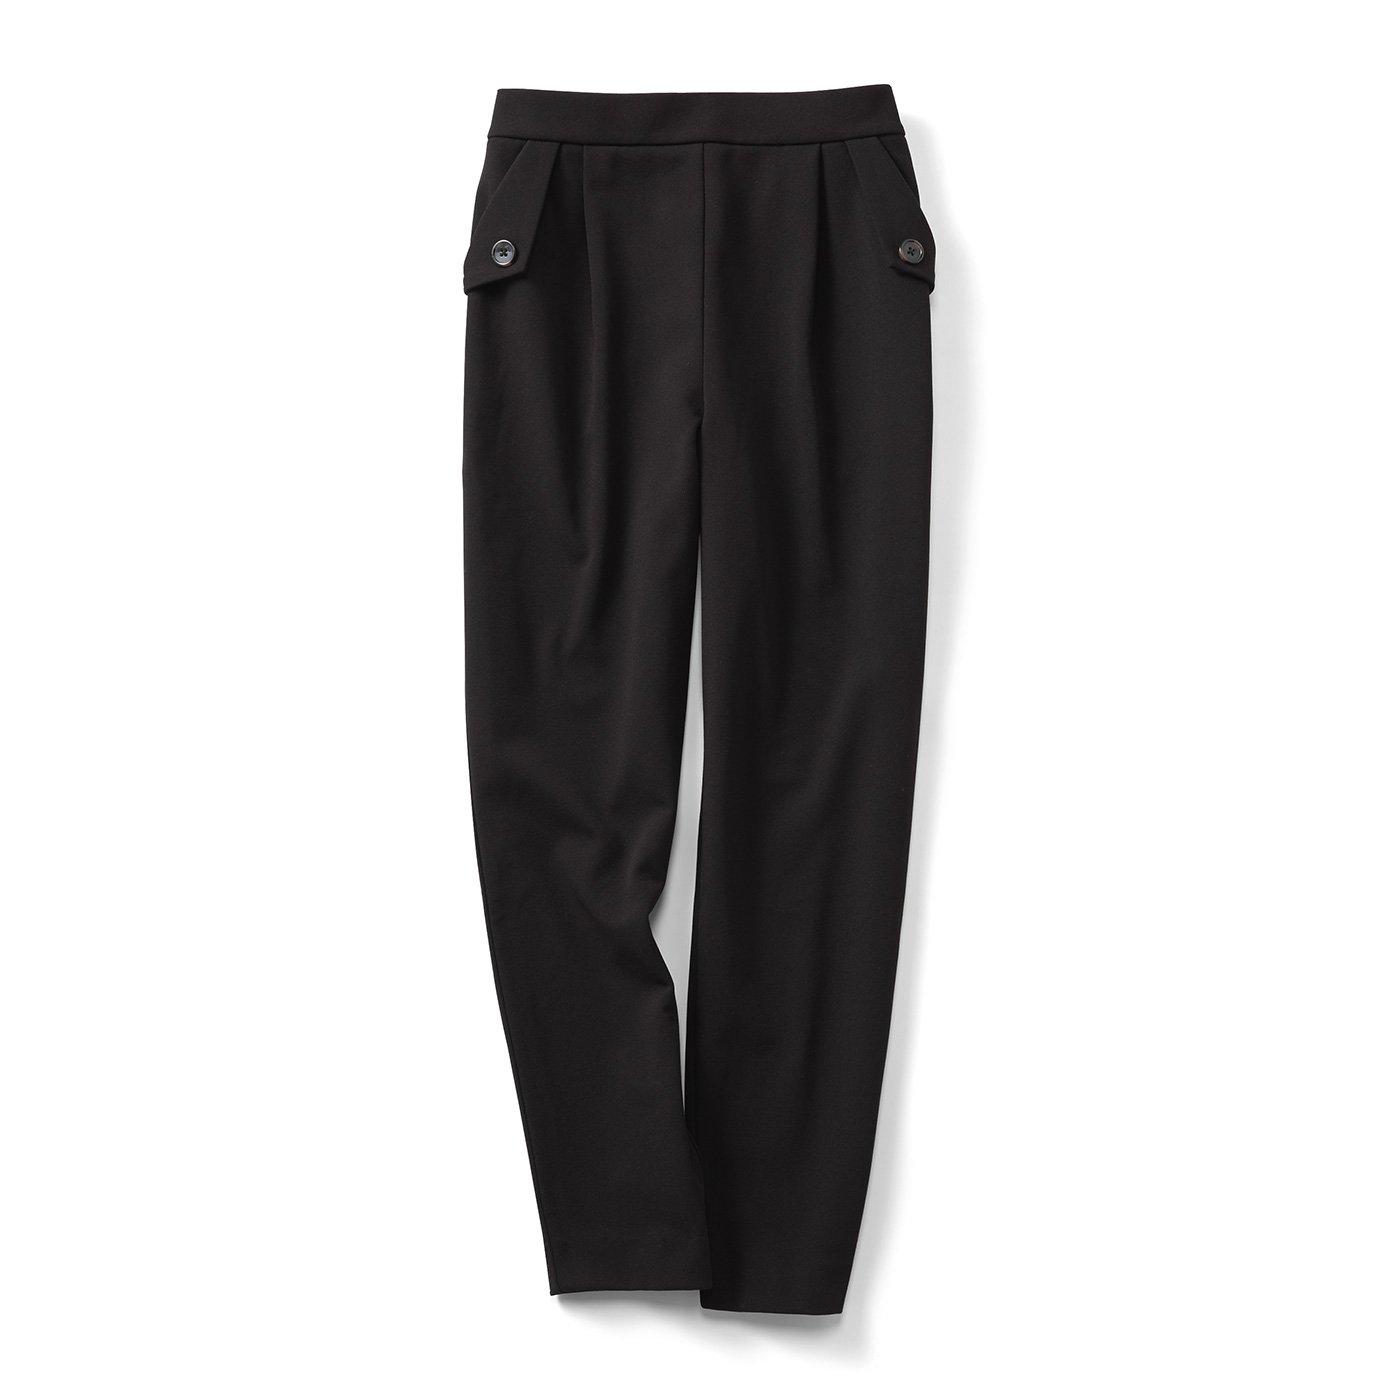 IEDIT[イディット] 帯電防止がうれしい 裏起毛ジョーゼット素材であったかきれいなバレエフィット(R)パンツ〈ブラック〉